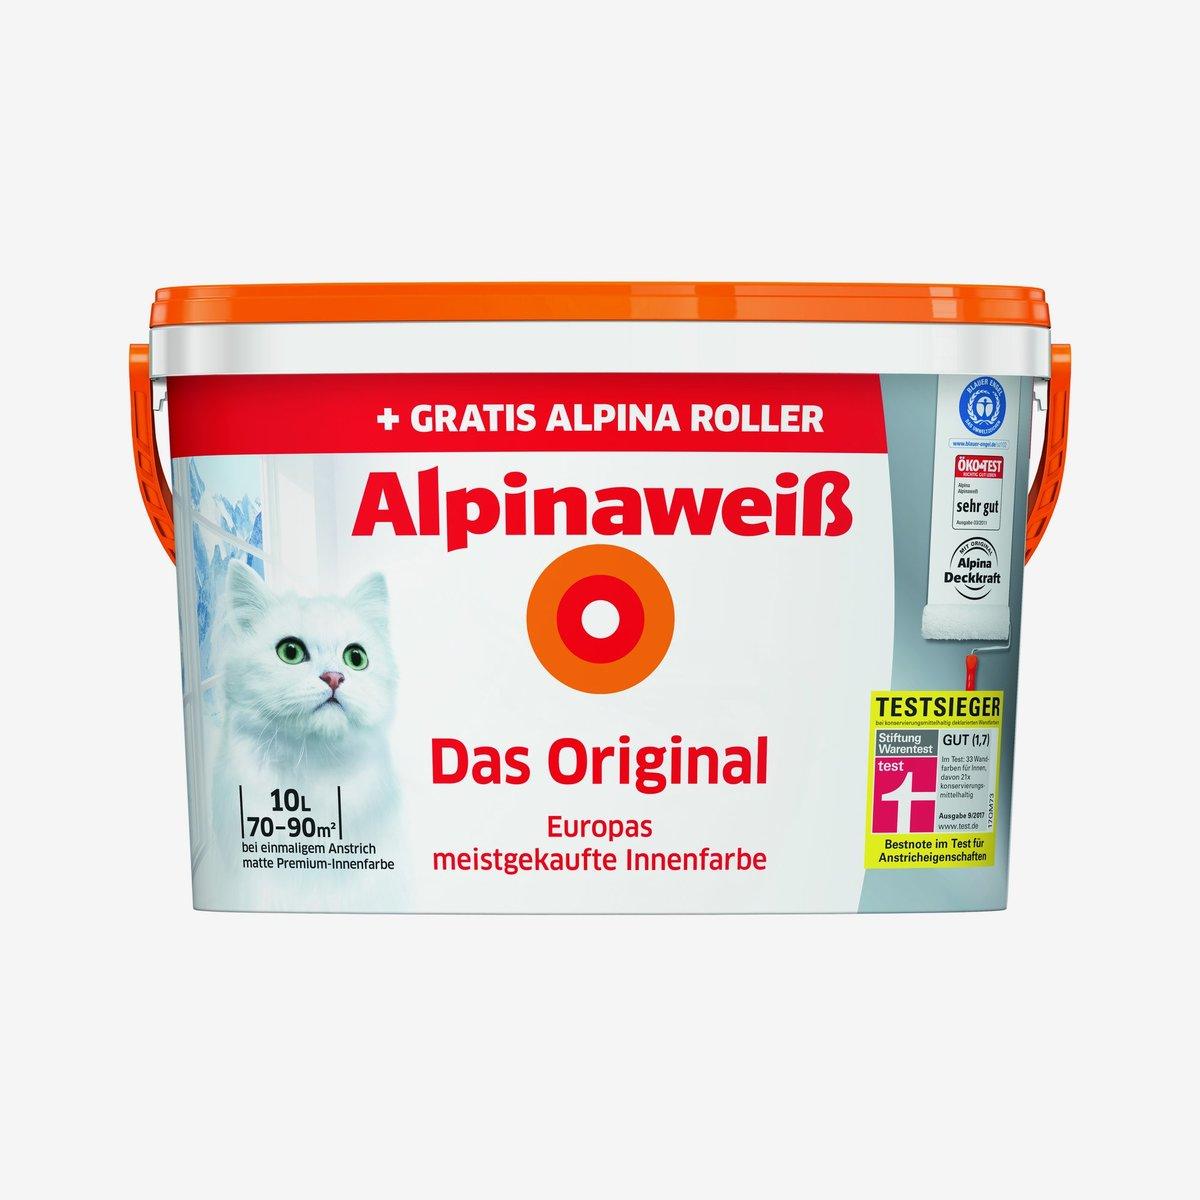 Bild 1 von Alpinaweiß 'Das Original' mit gratis Alpina Roller